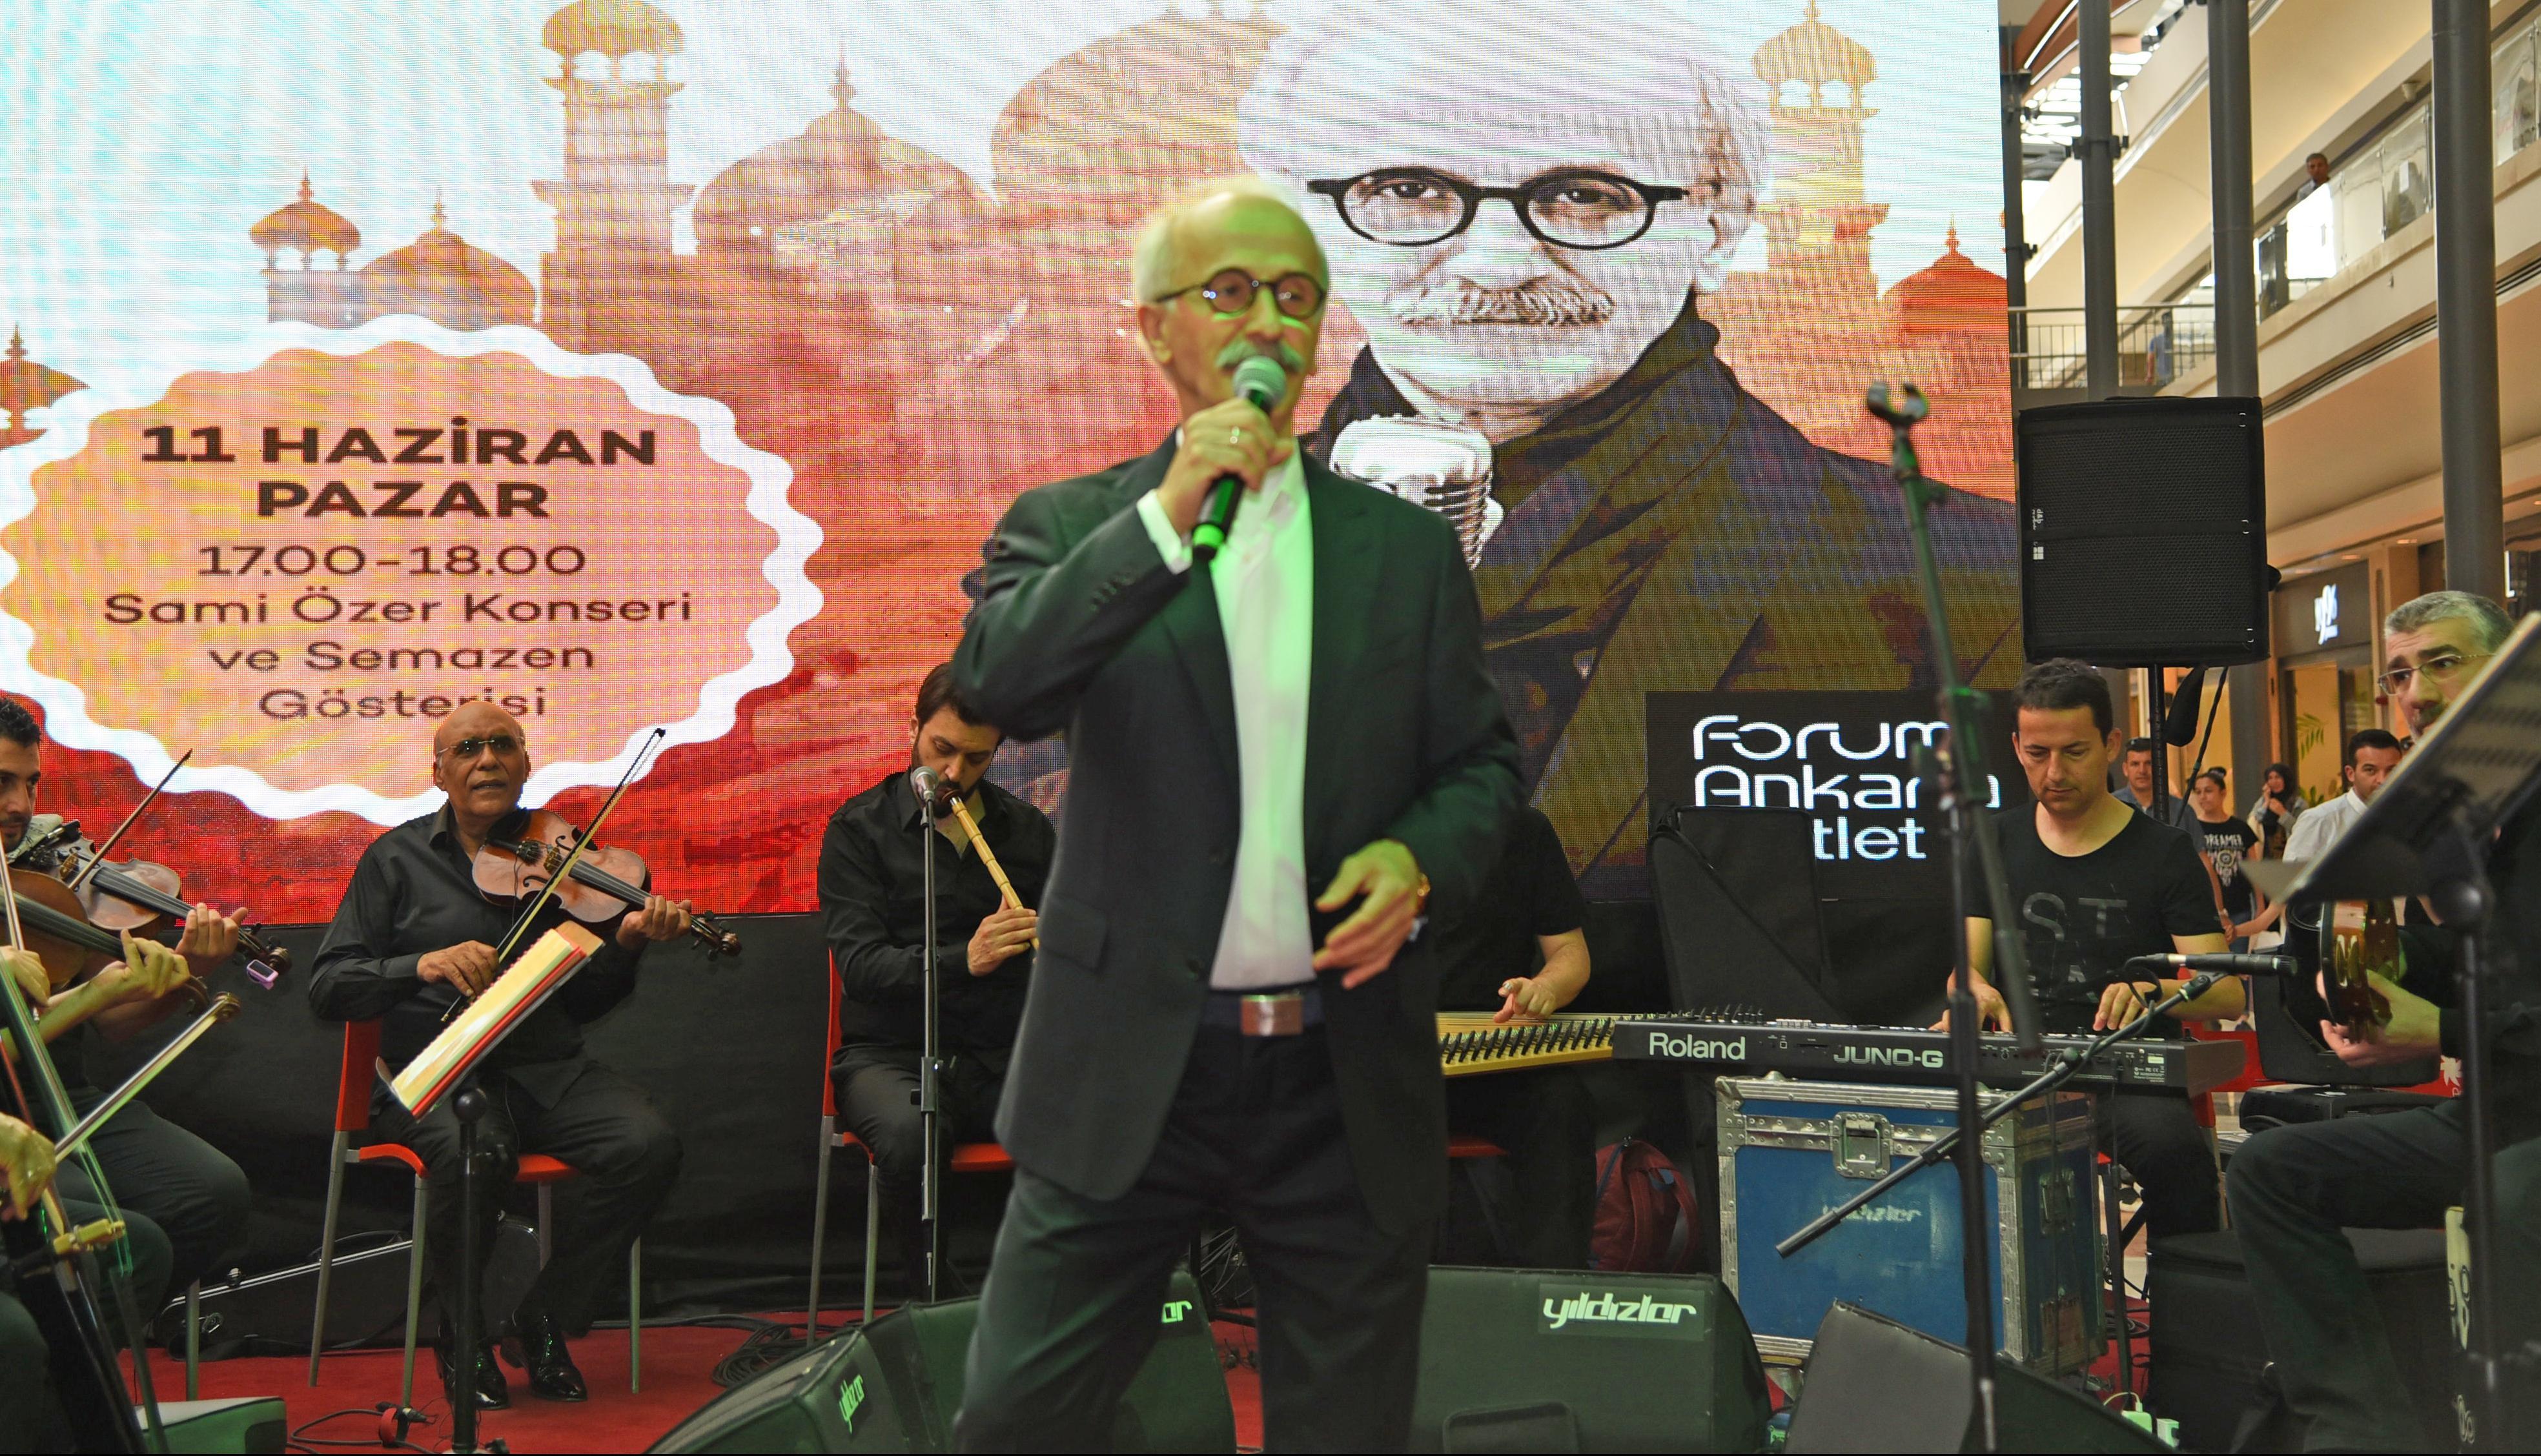 Forum Ankara AVM'nin özel konuğu Sami ÖZER oldu